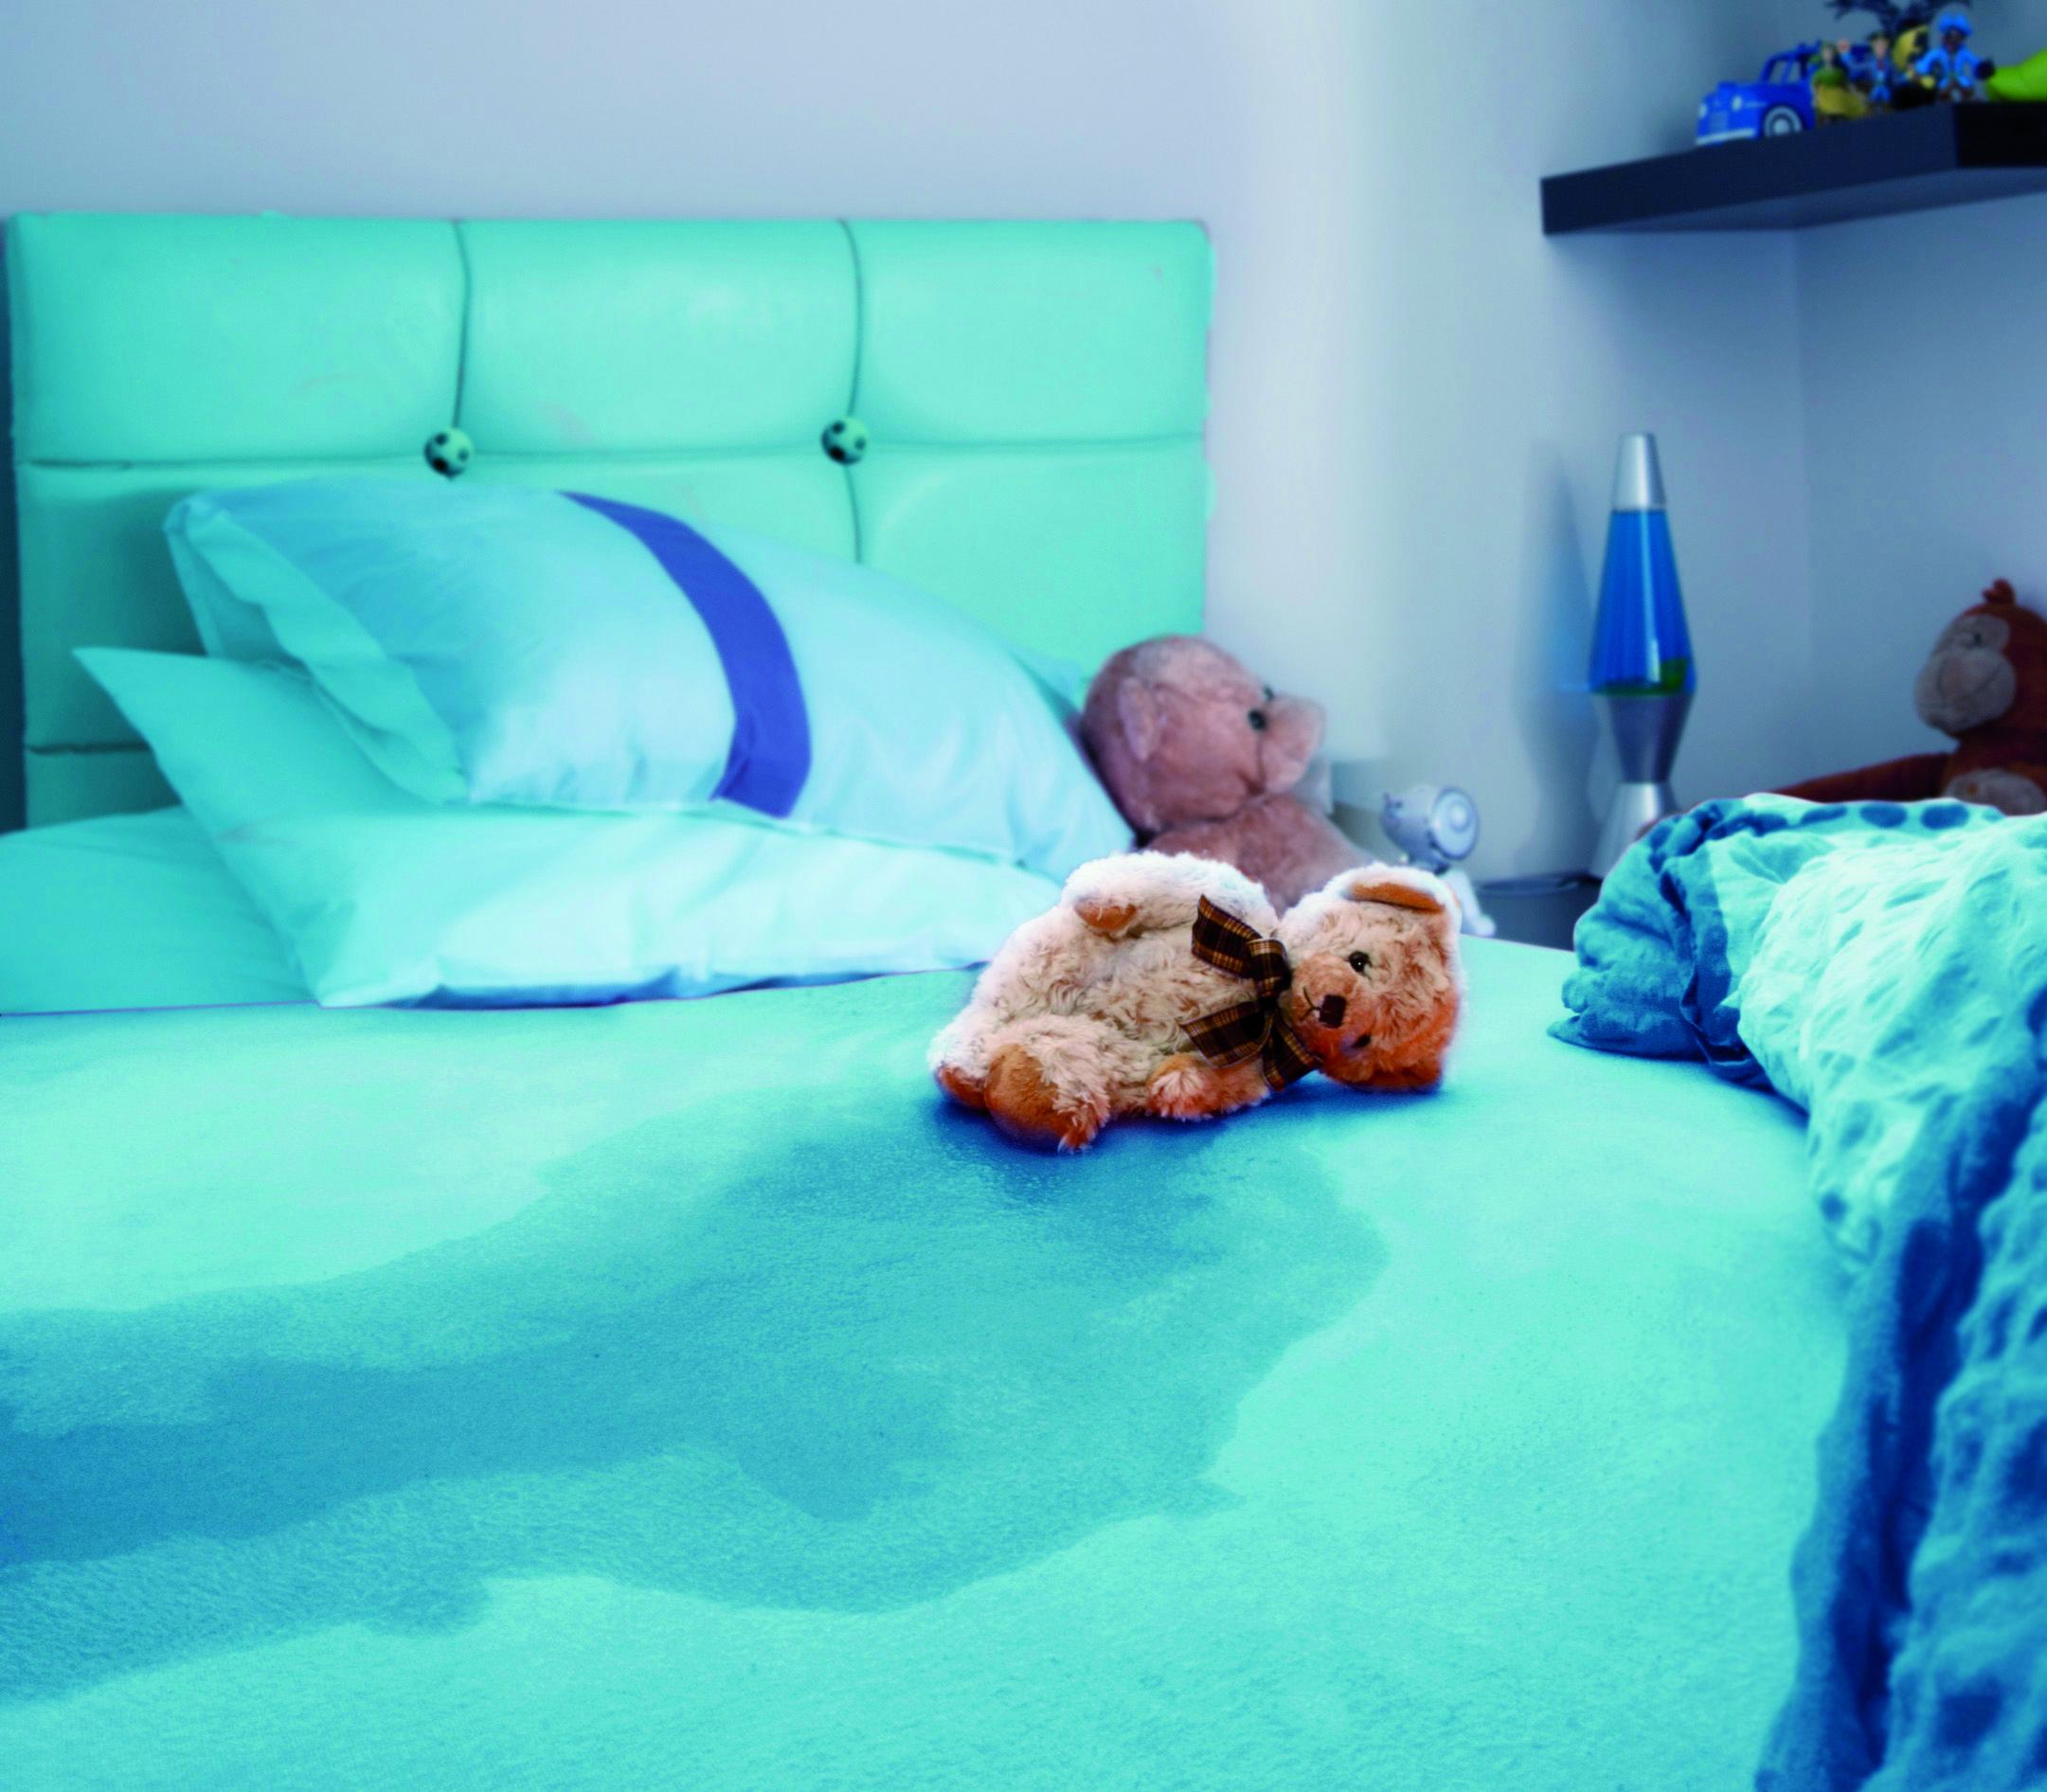 Mi ni o volvi a mojar la cama qu hago espacio ni os - Hacerse pis en la cama ...